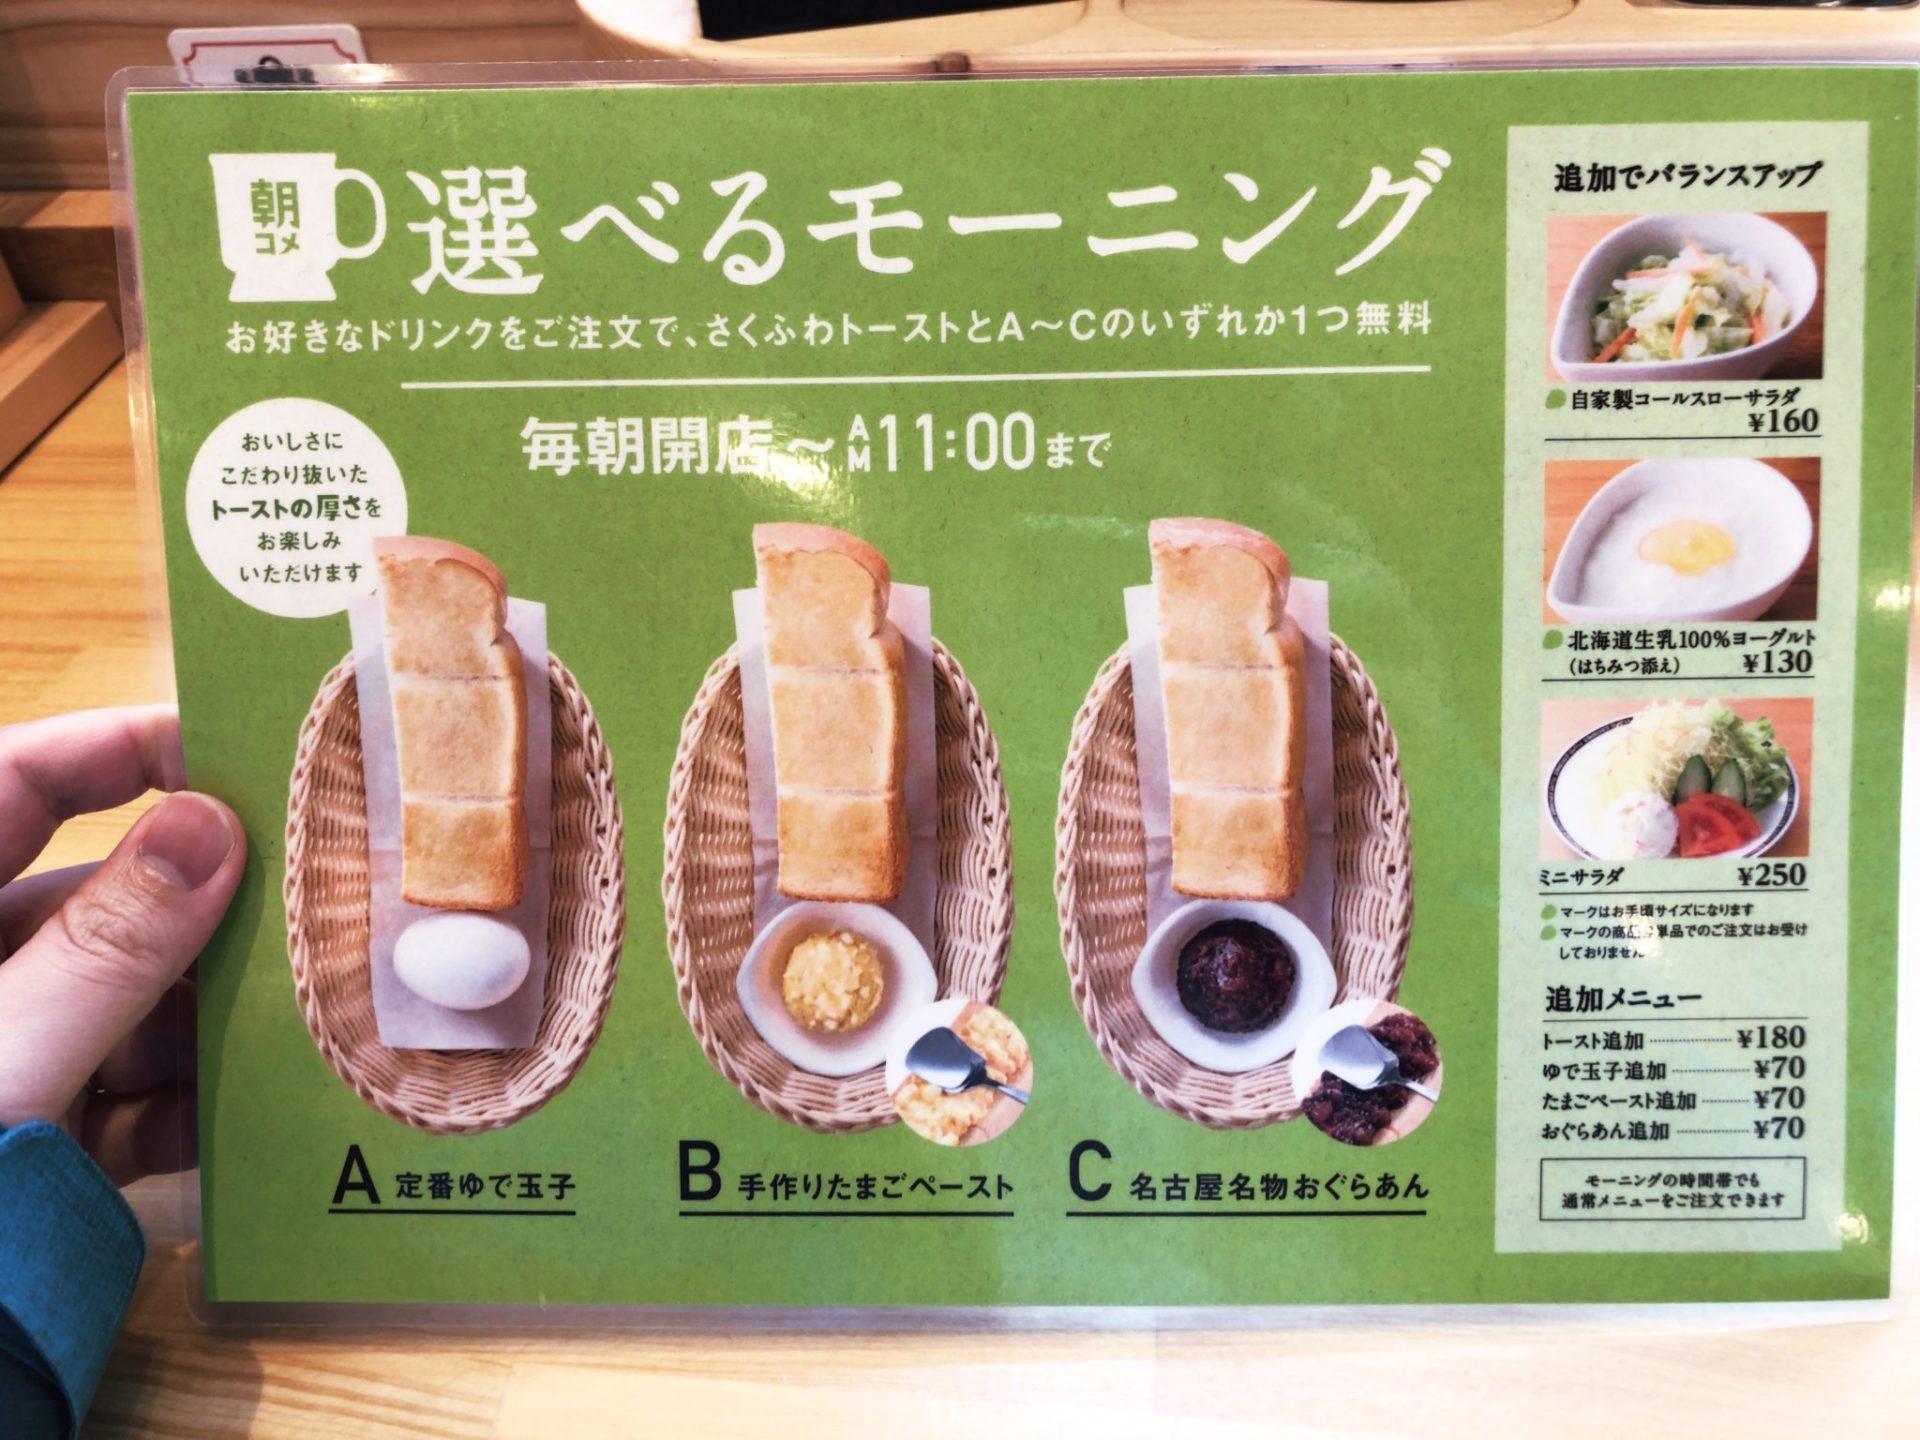 コメダ珈琲店 駒沢公園前店のモーニングメニュー